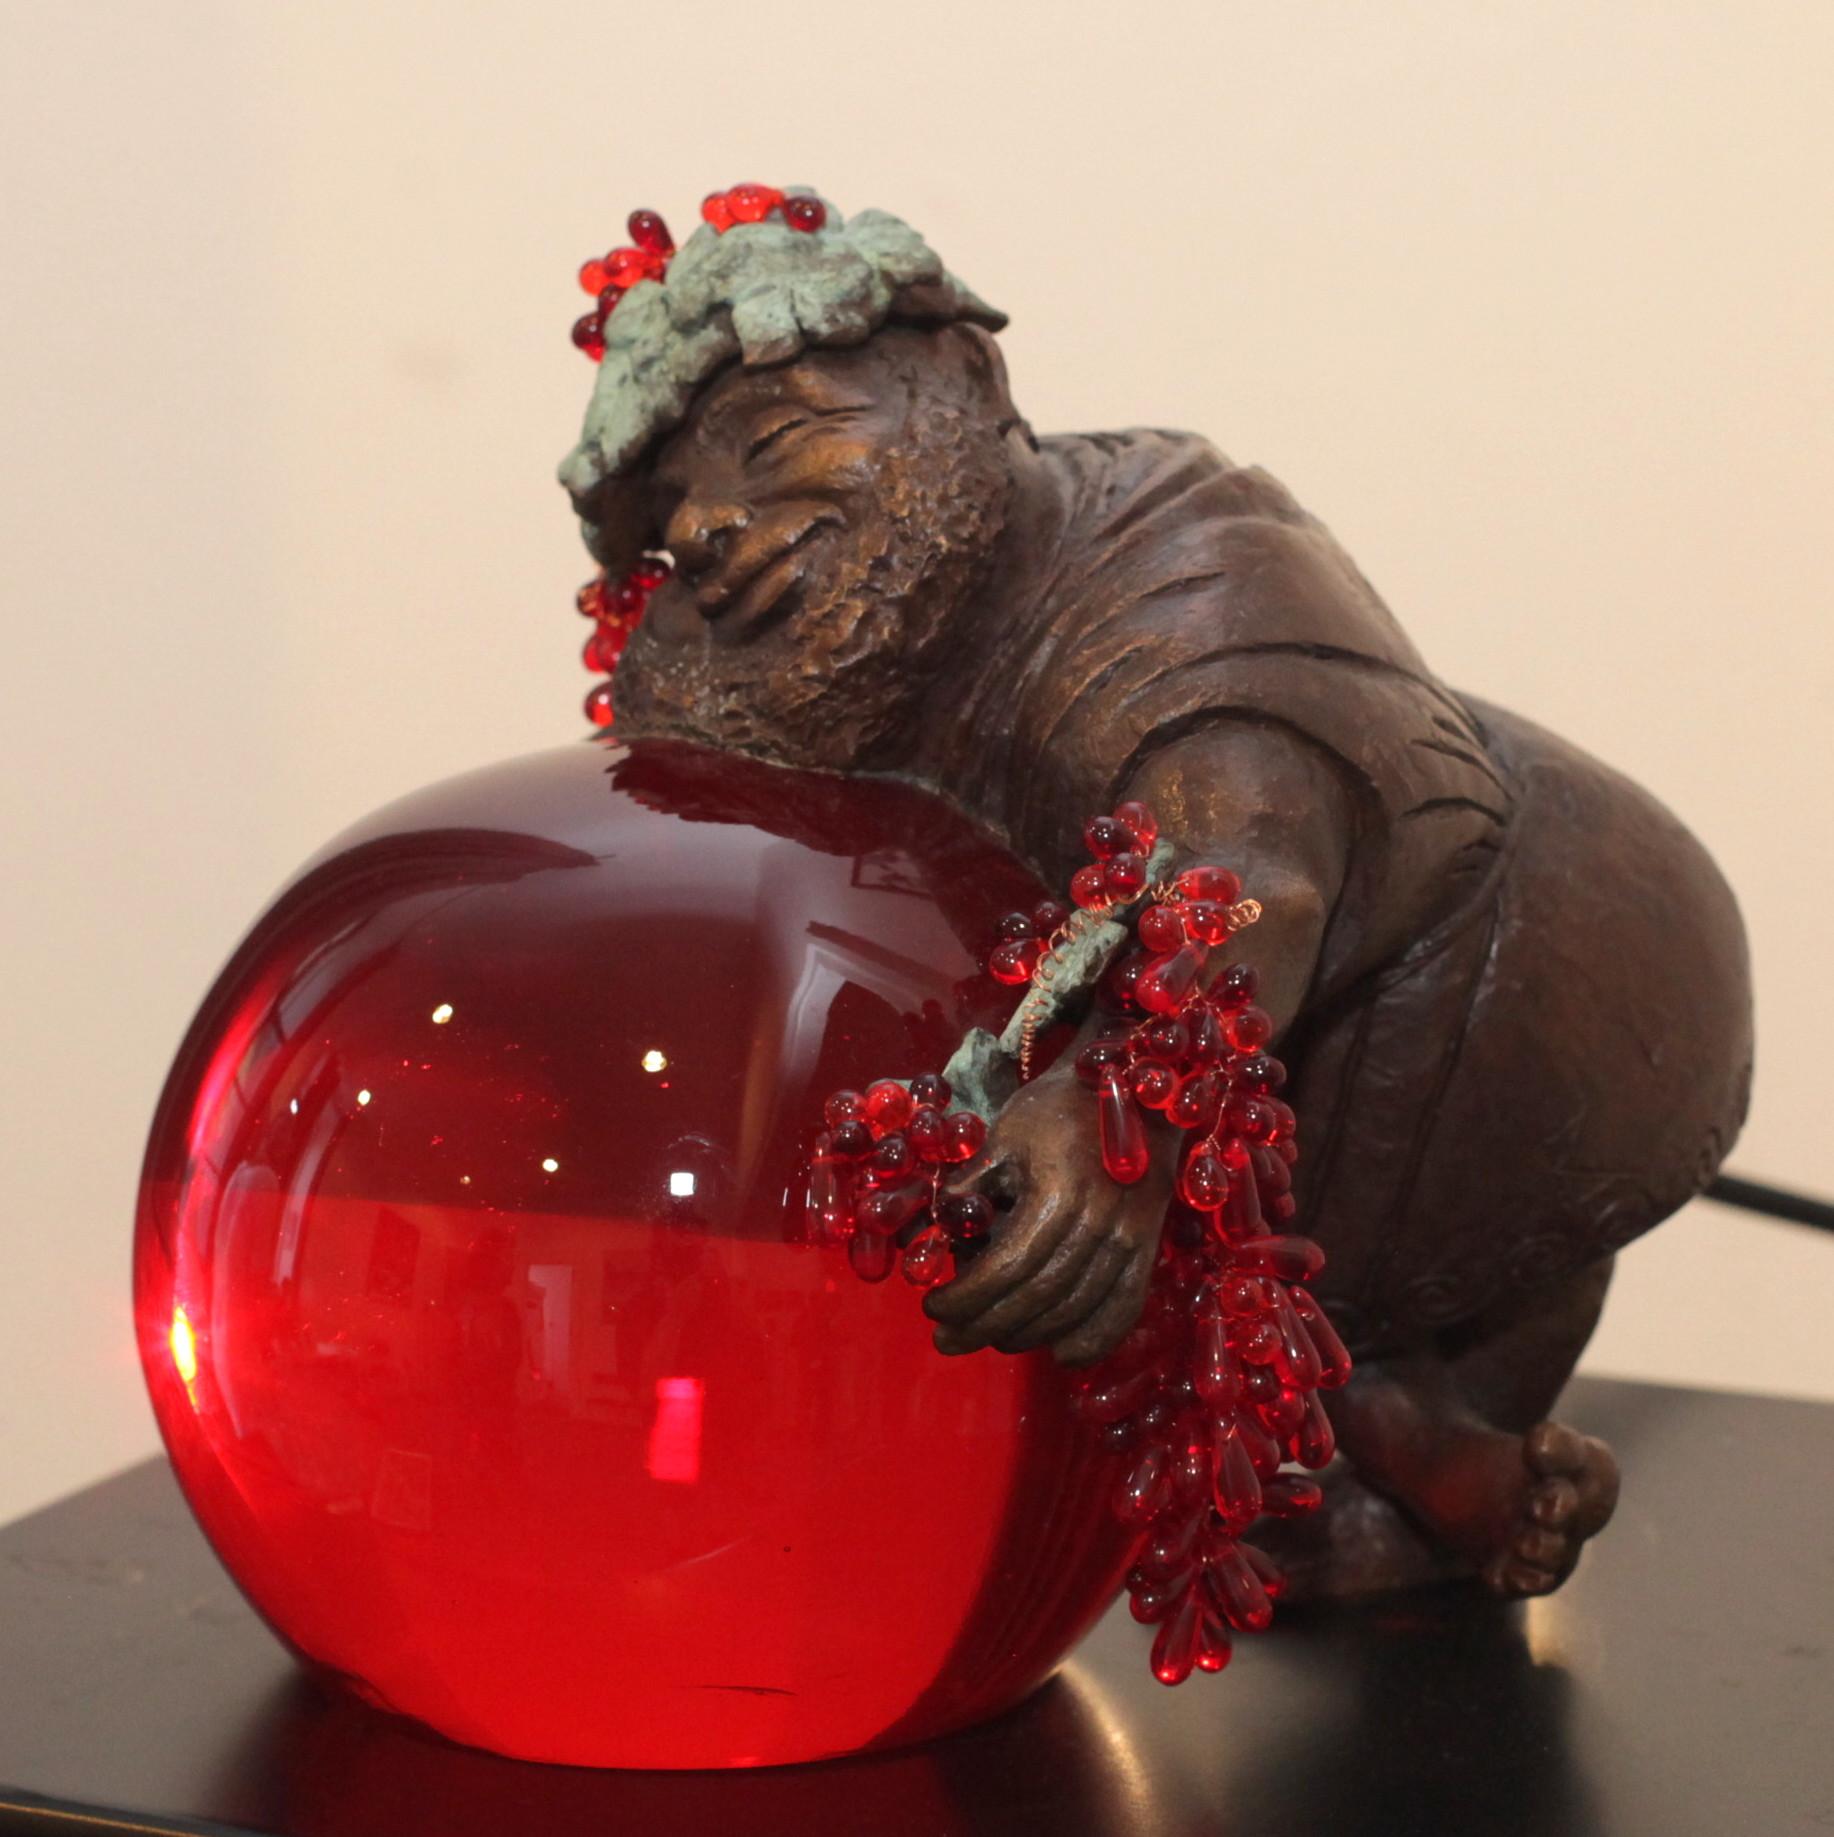 vystavu-valerie-koshkino-barvy-emoci-muzete-navstivit-uz-jen-do-31-srpna